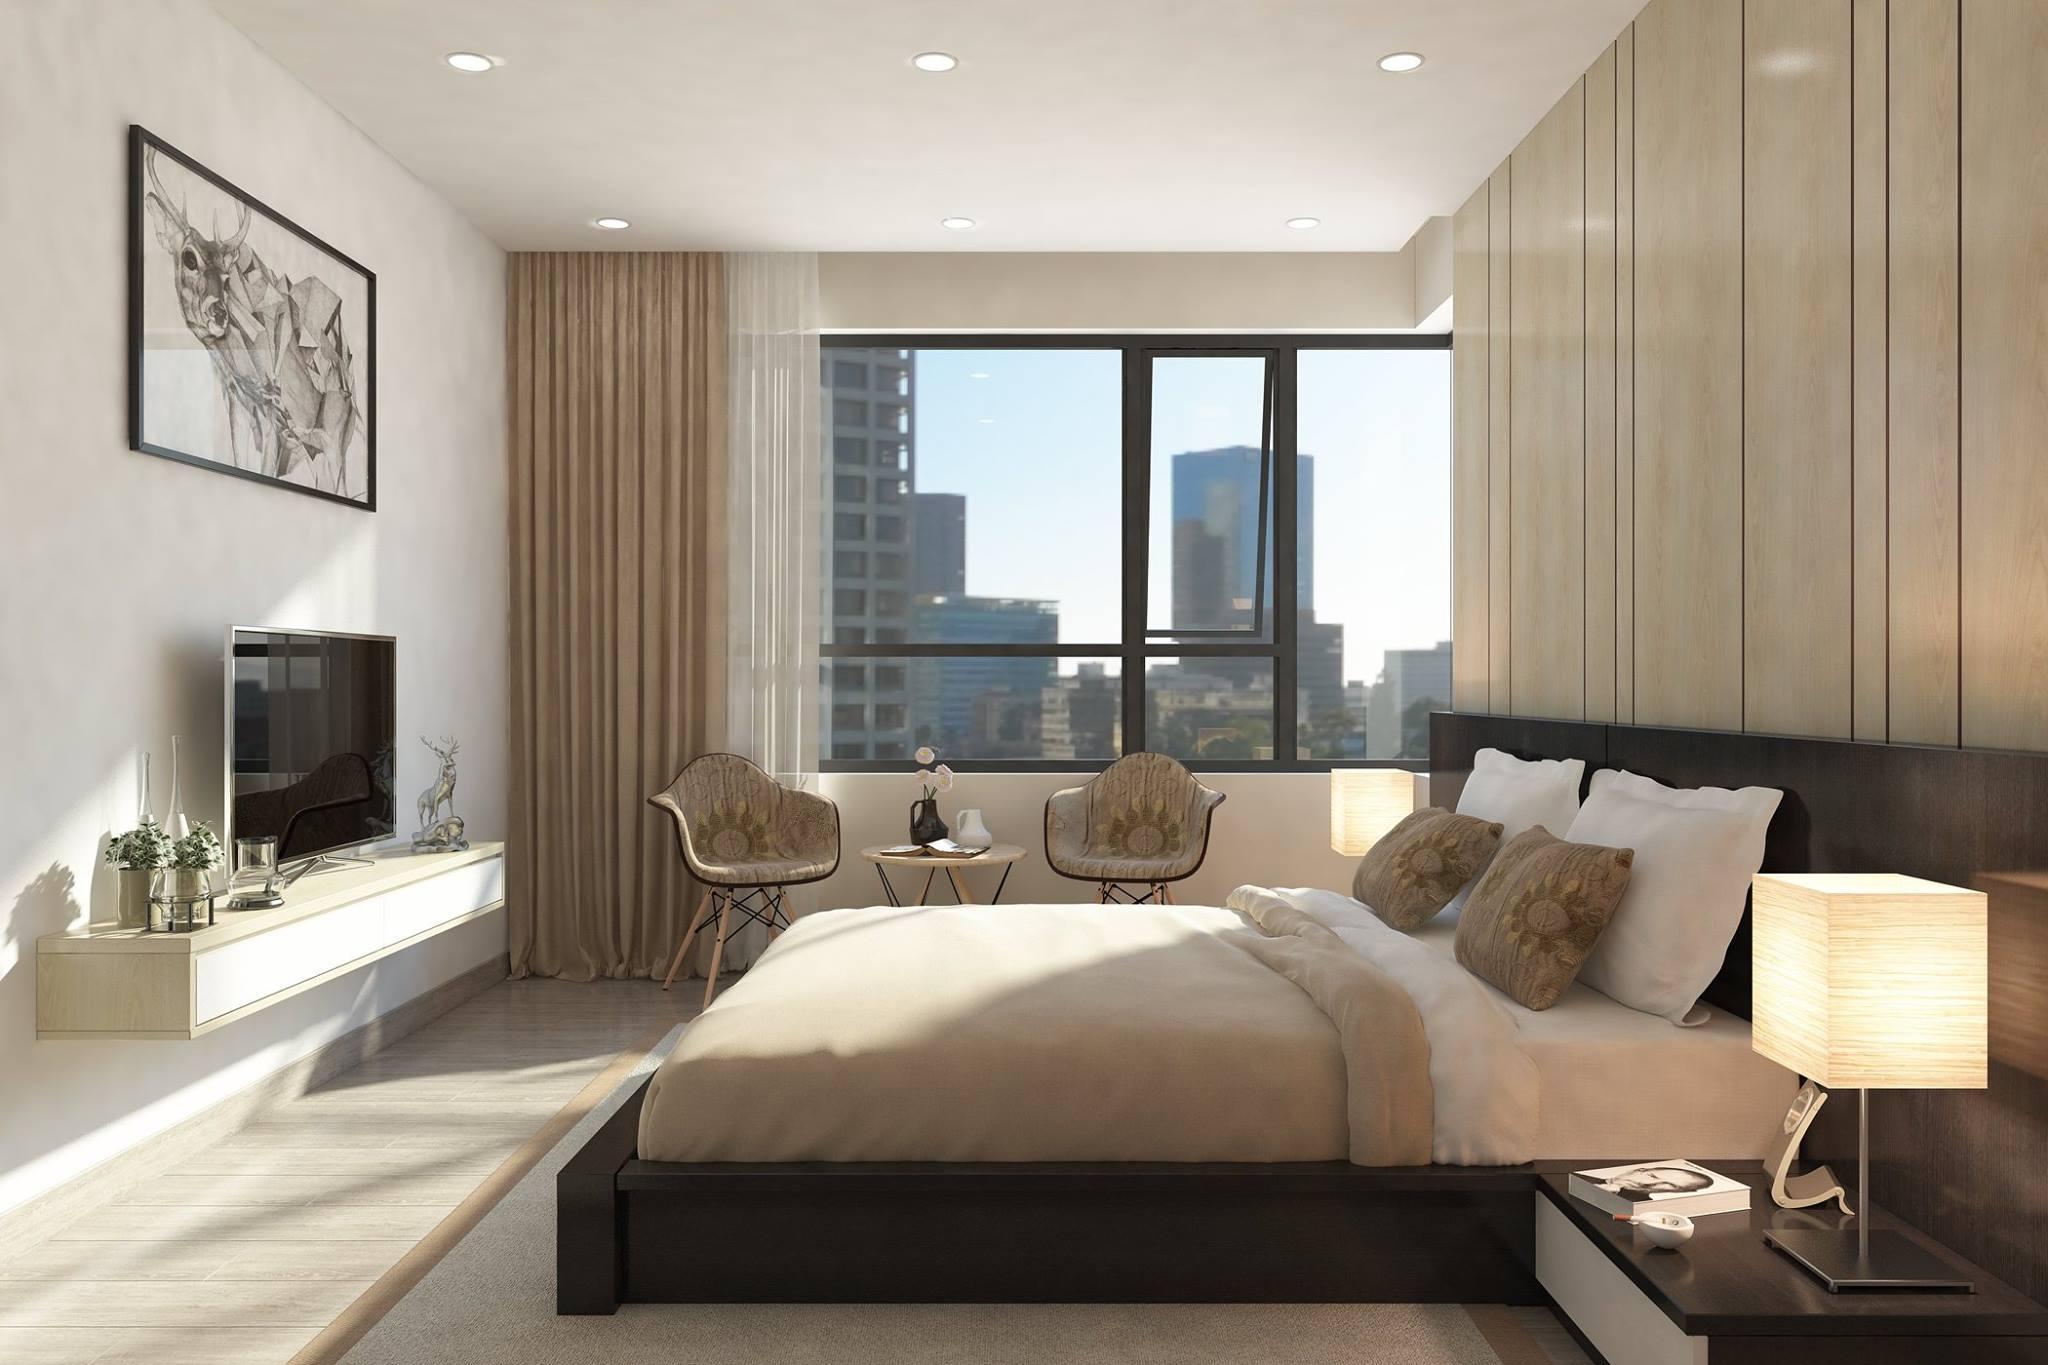 Những mẫu nội thất phòng ngủ sử dụng chất liệu gỗ công nghiệp được dùng nhiều trong căn hộ 80m2 với phong cách thiết kế hiện đại